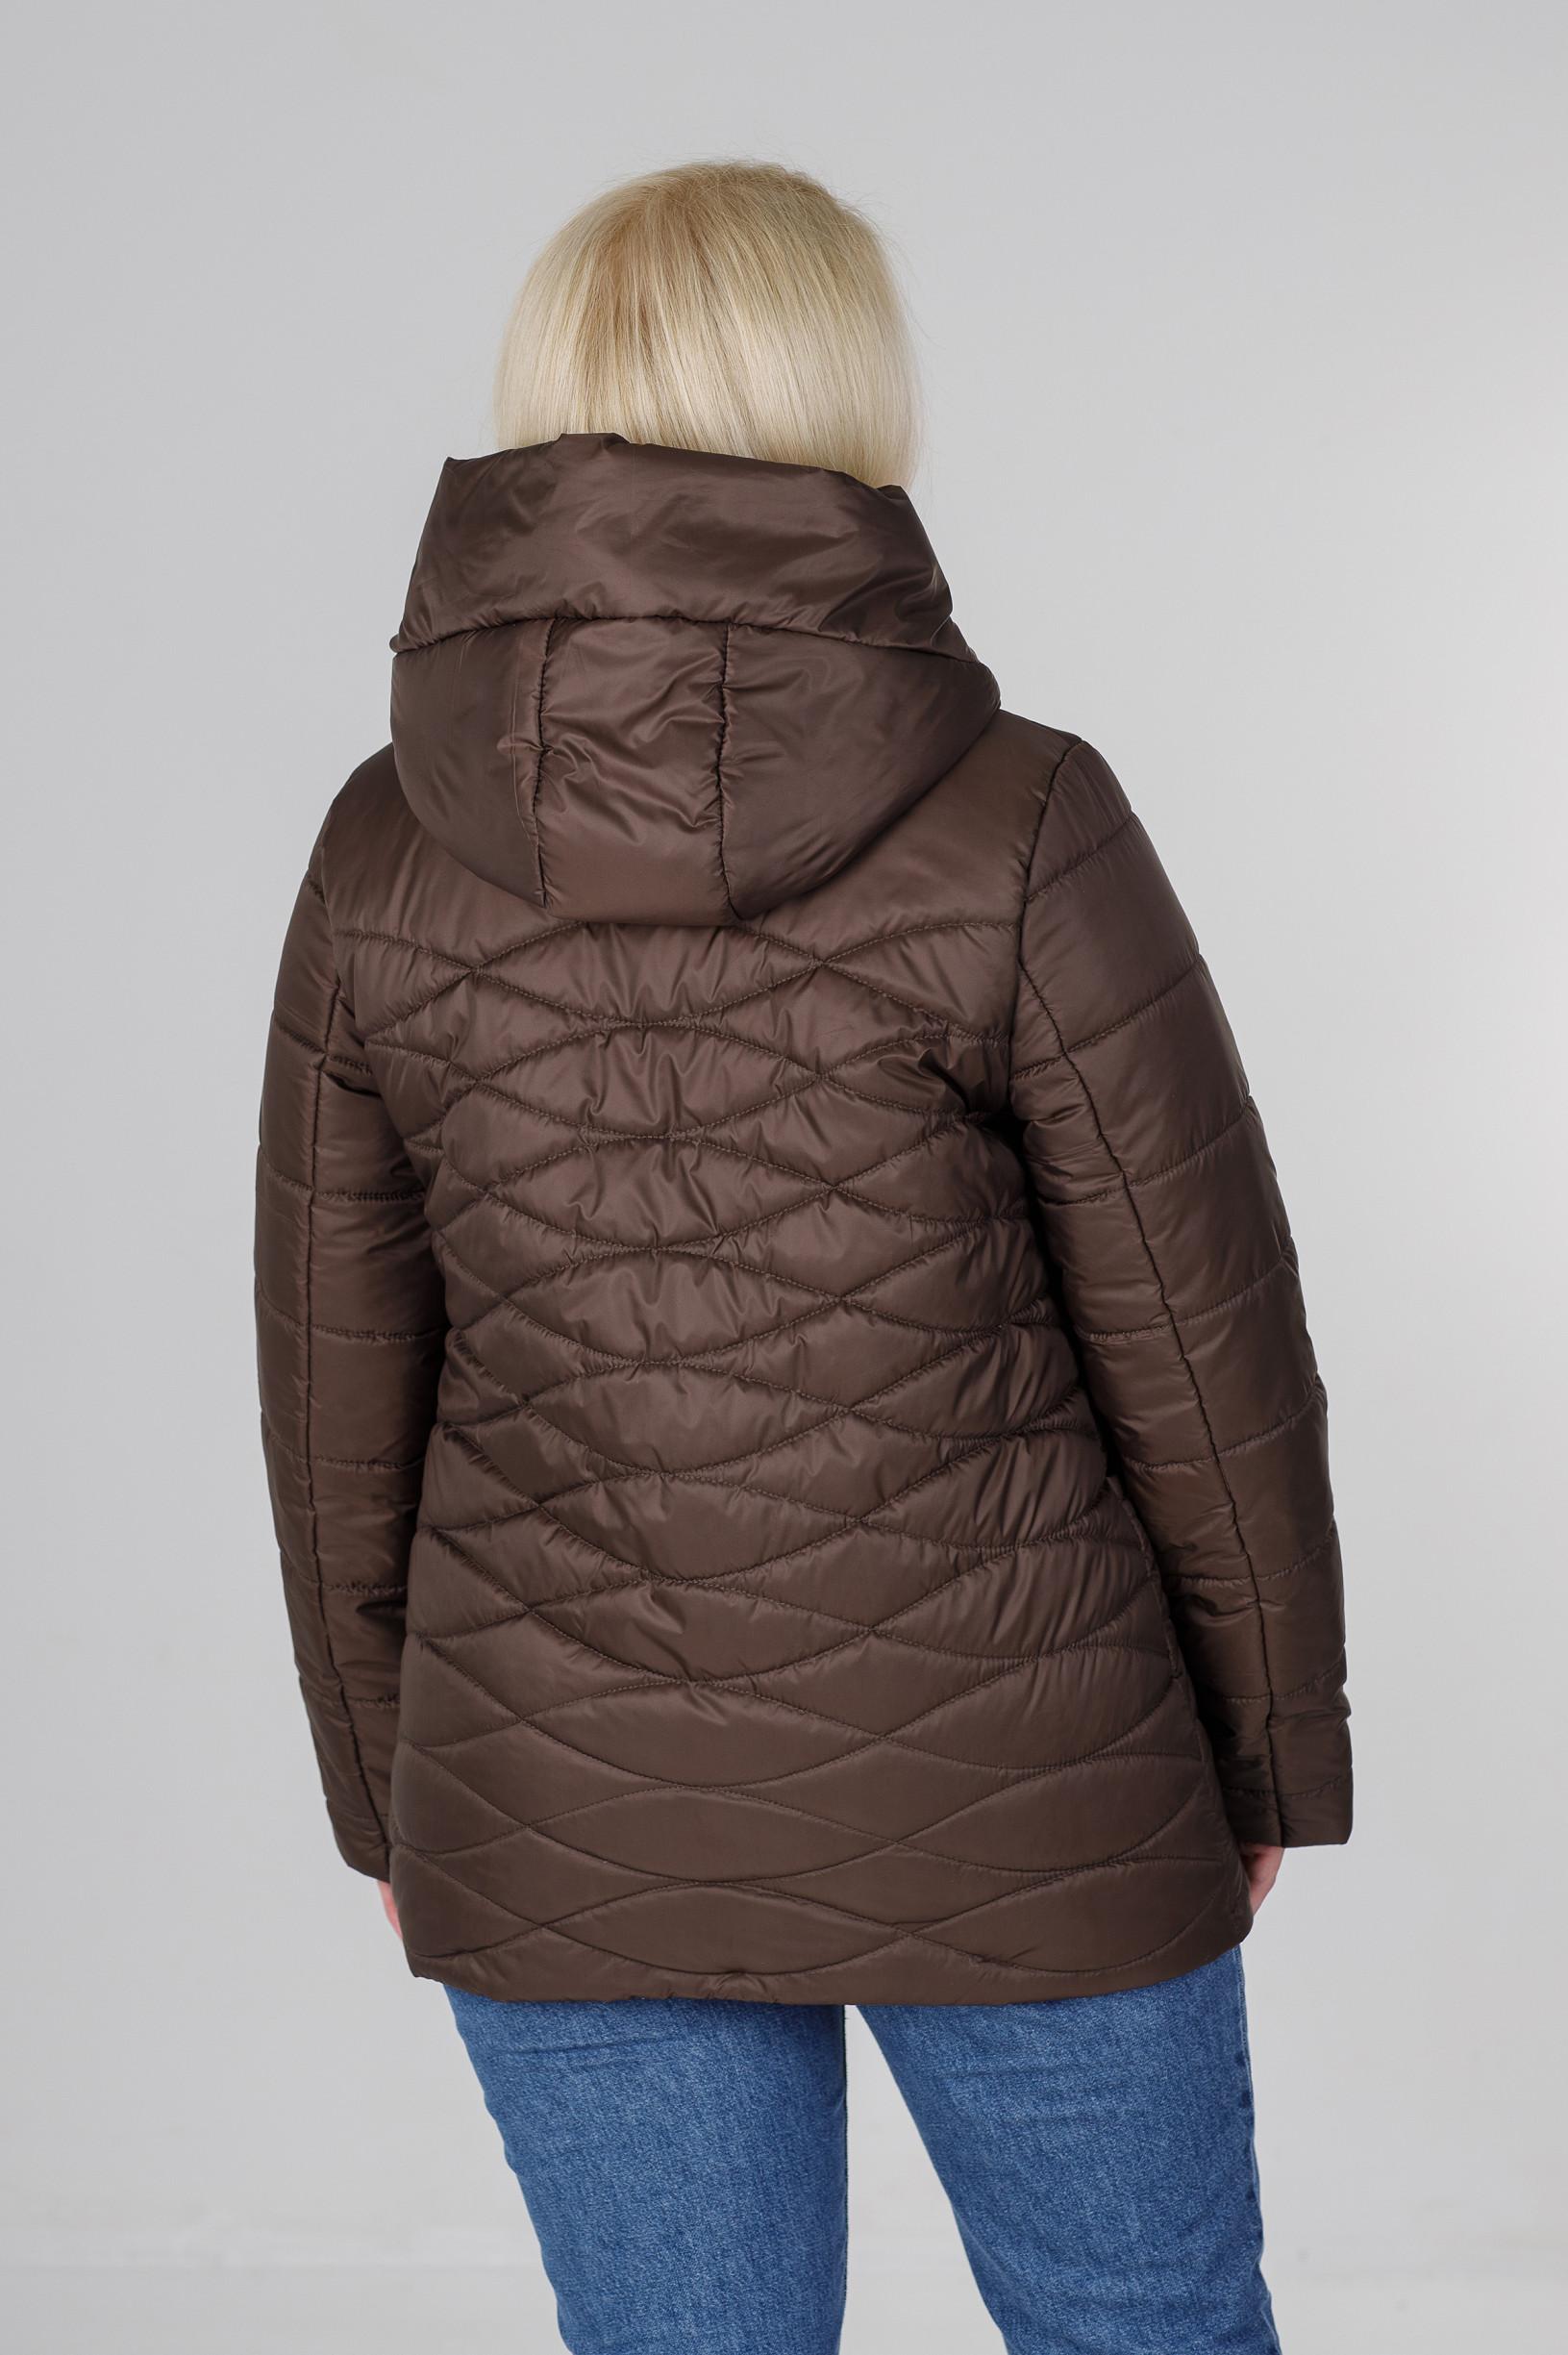 Ассиметричная весенняя женская куртка Надин коричневая